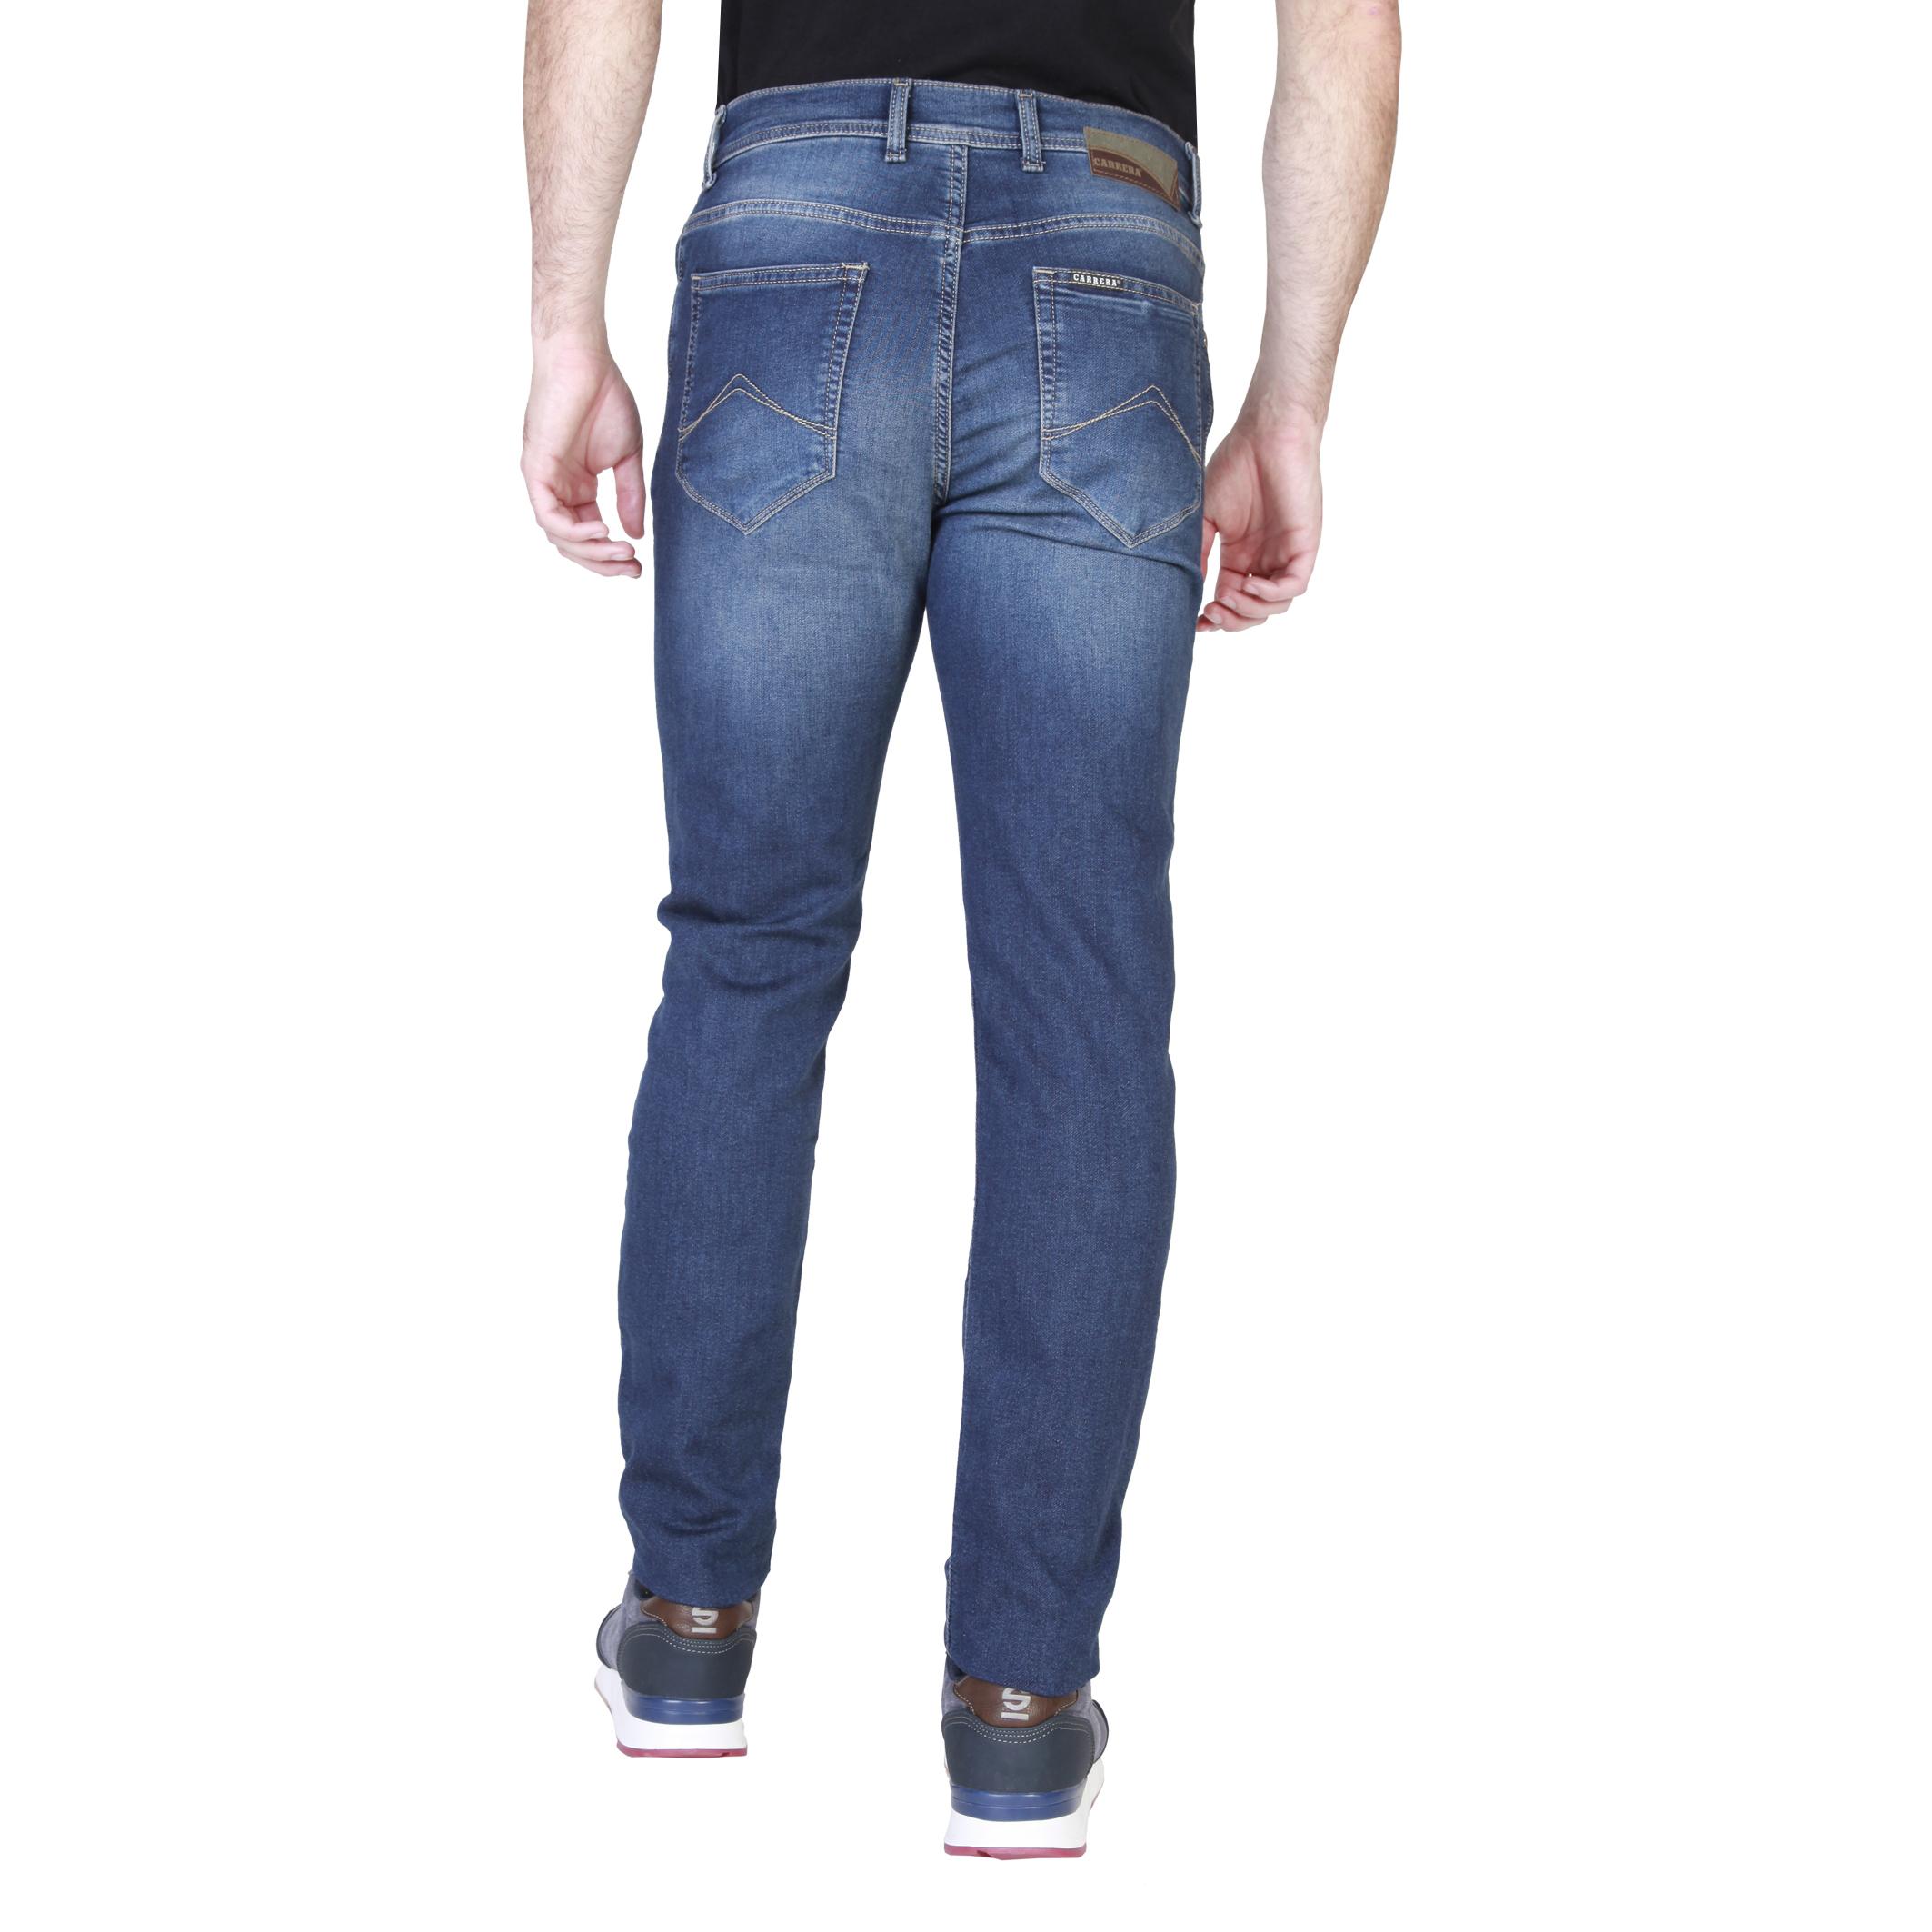 Jeans Carrera Jeans 0T707M 0900A Homme PASSPORT, Homme 0900A Bleu/Bleu 24d160